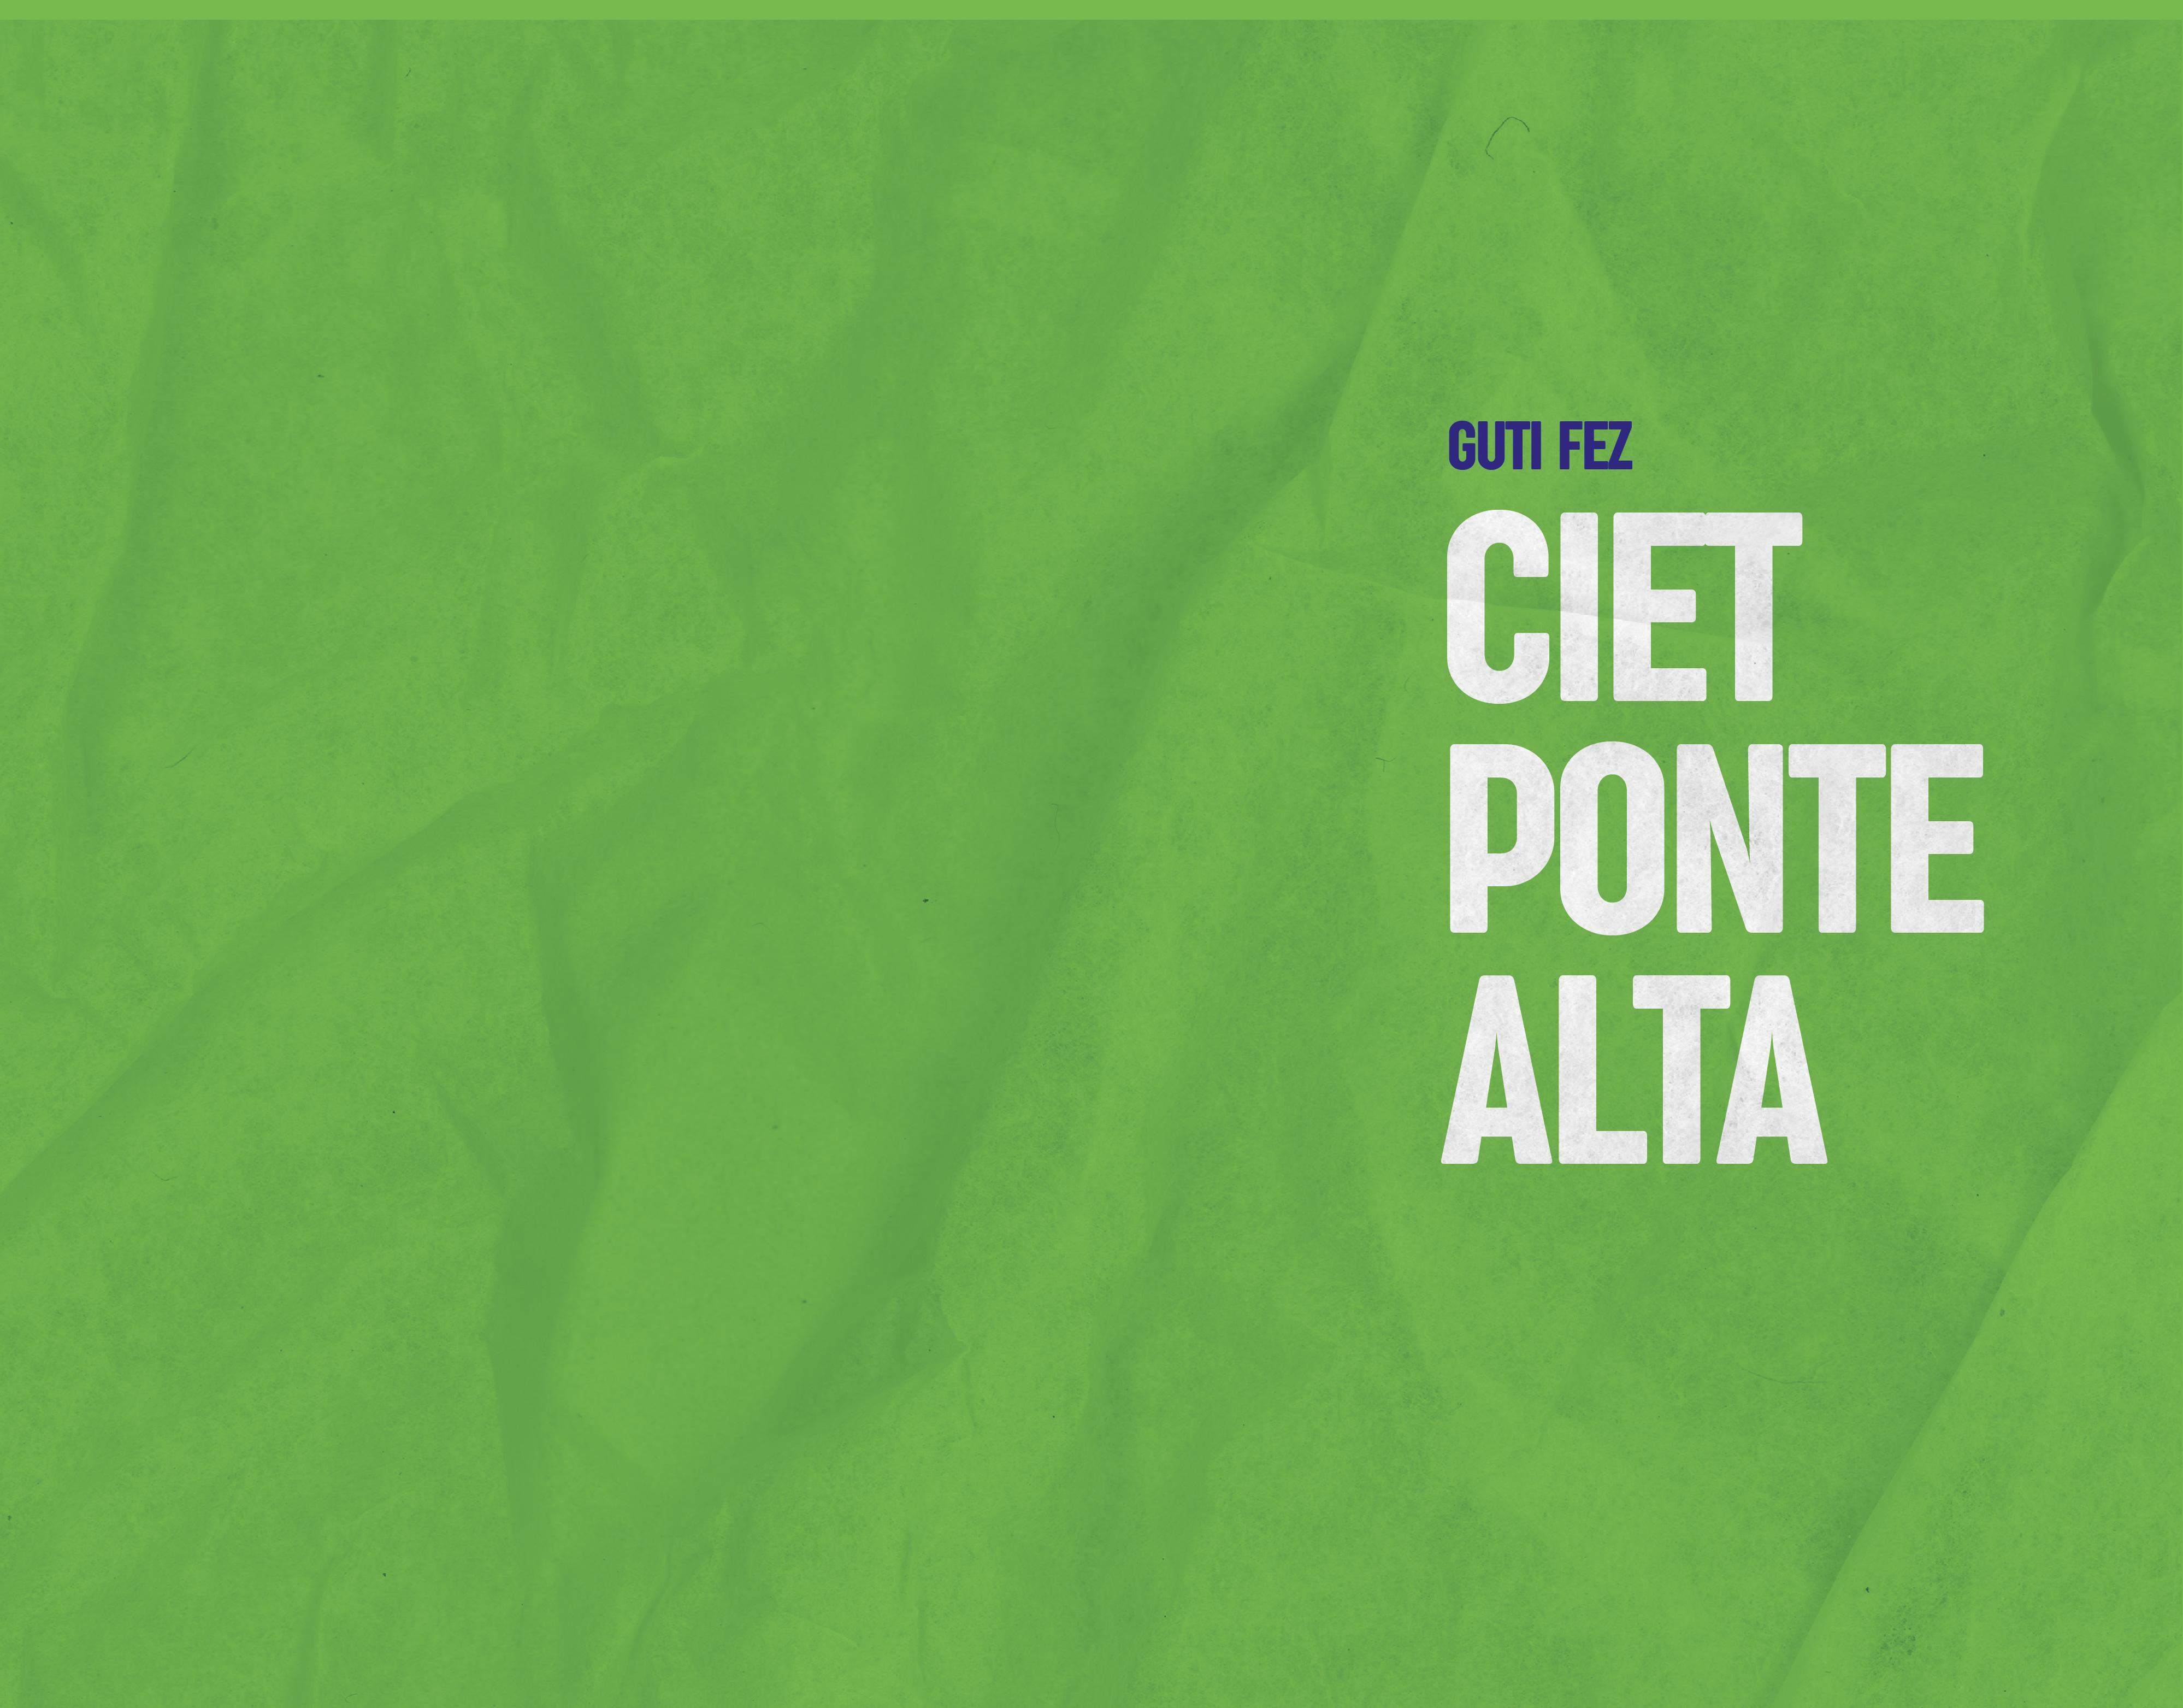 CIET Ponte Alta